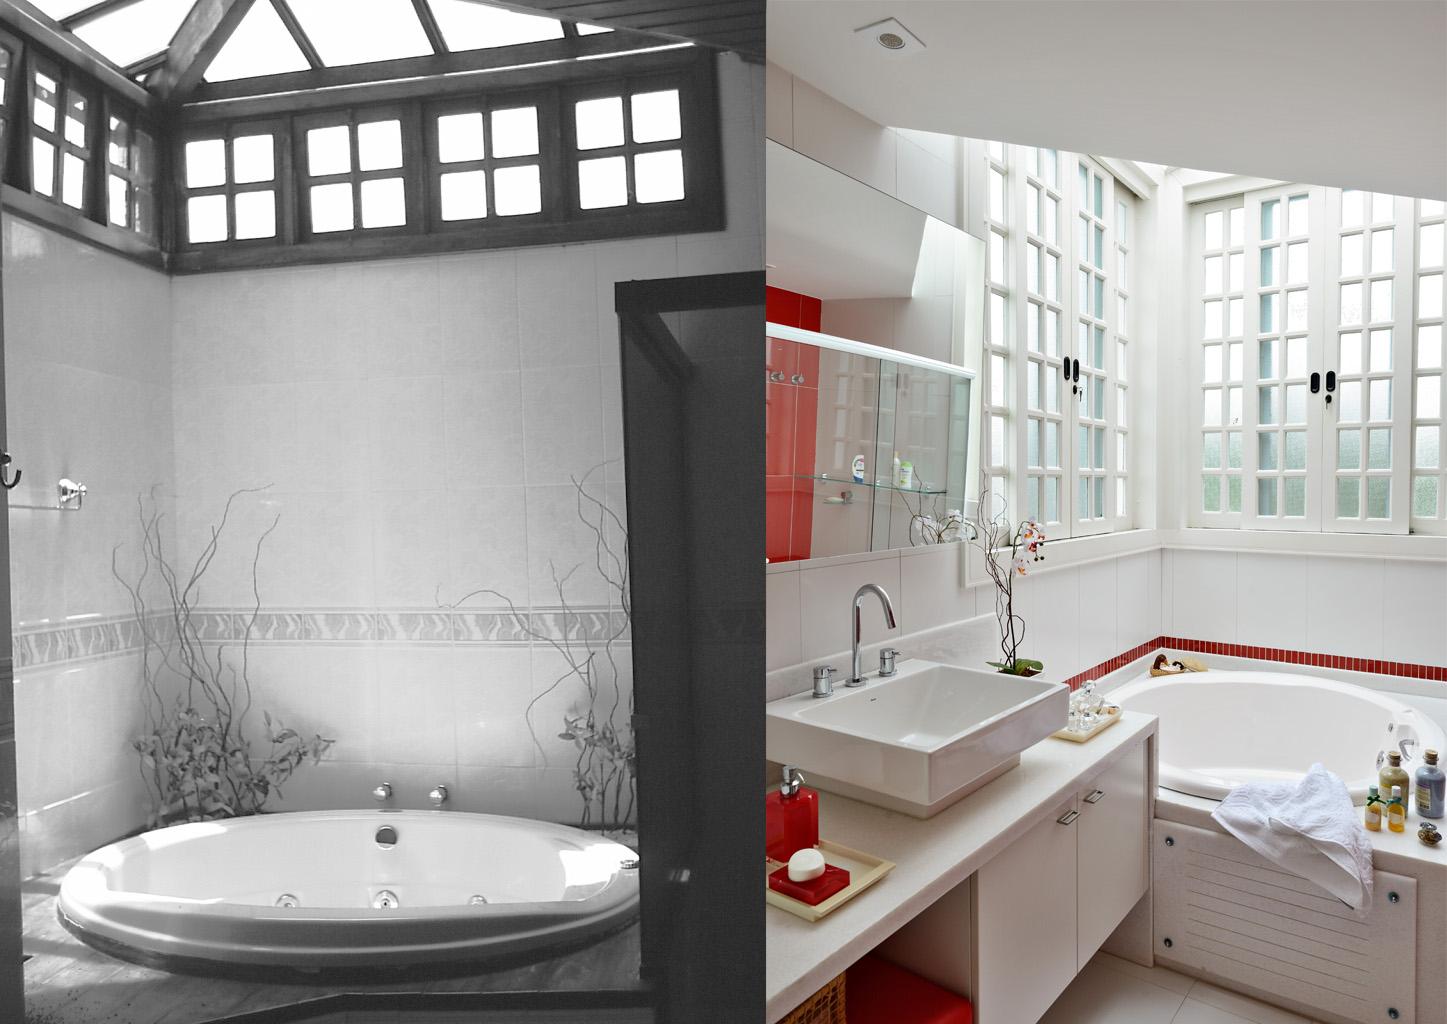 Banheiro da filha com claraboia